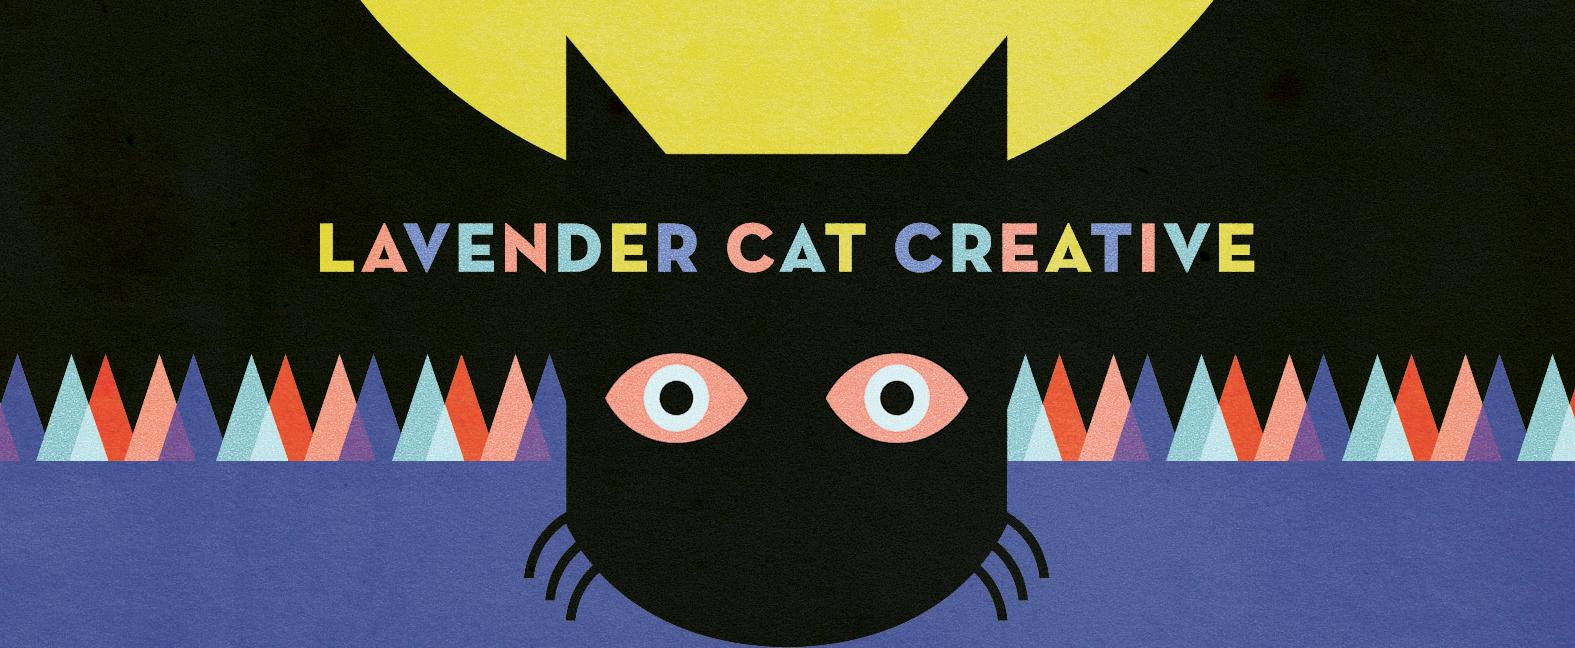 lavender_logo_cropped_website.jpg